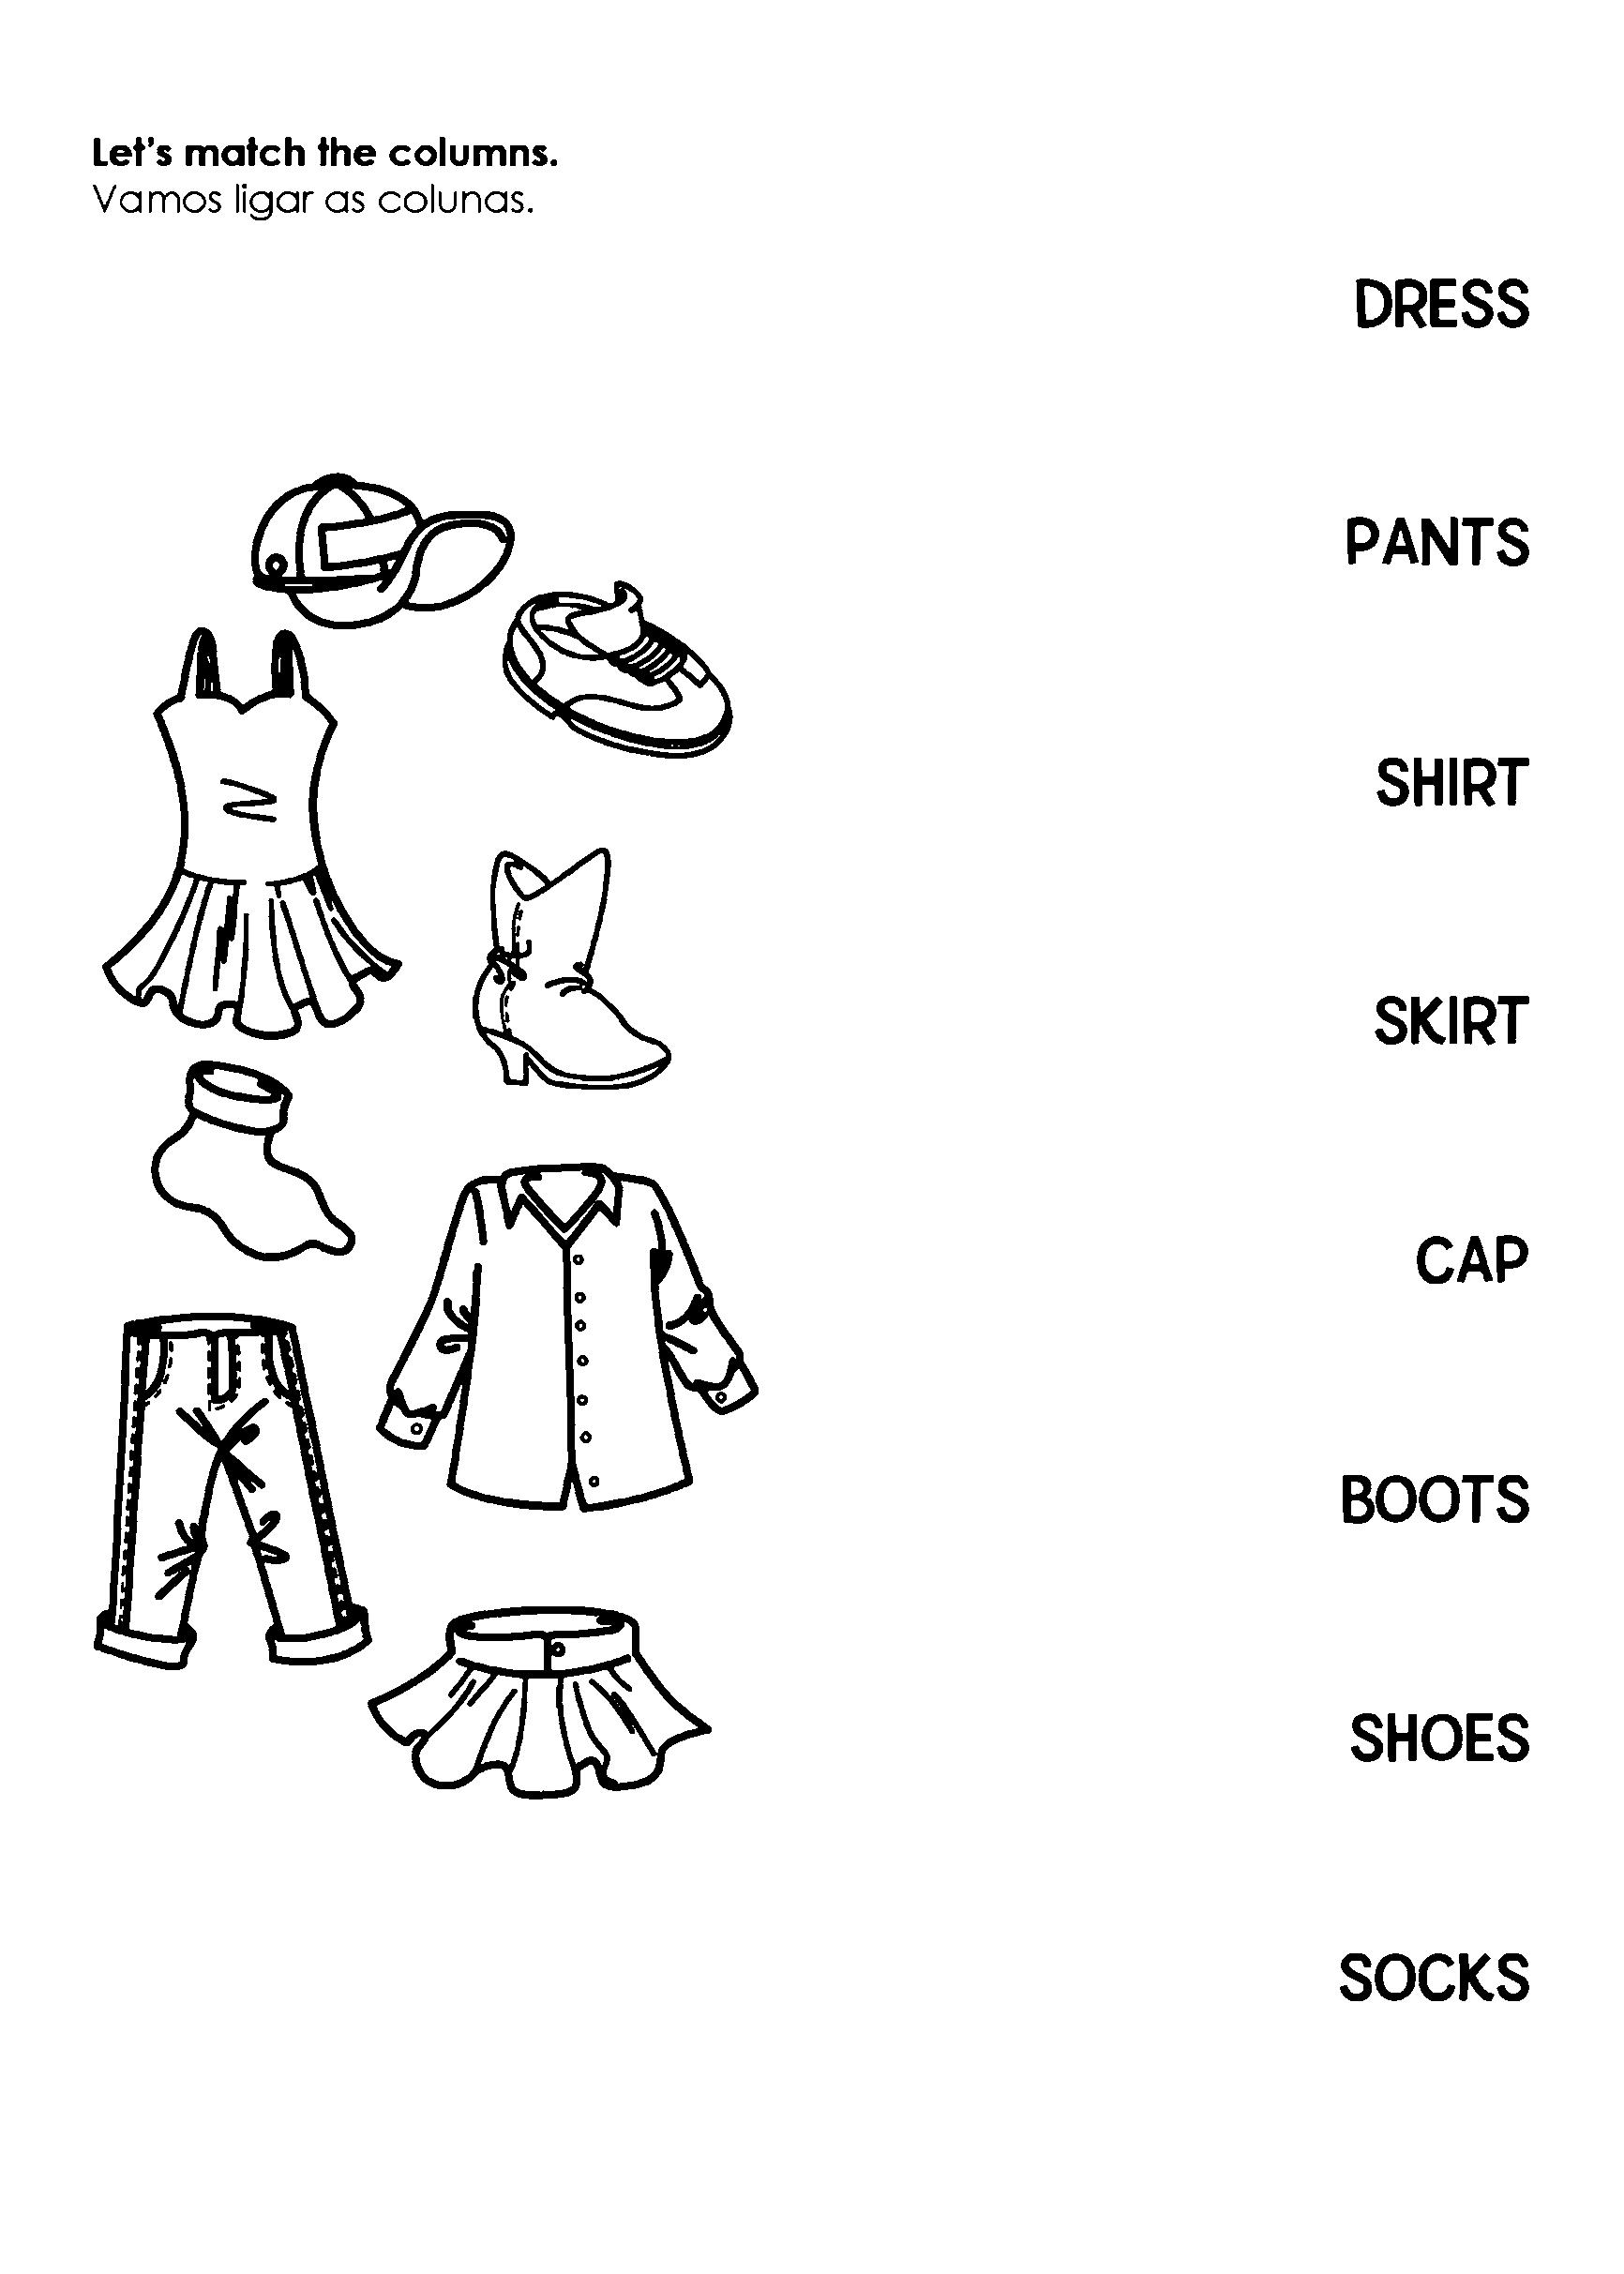 LIgas as colunas das roupas em inglês